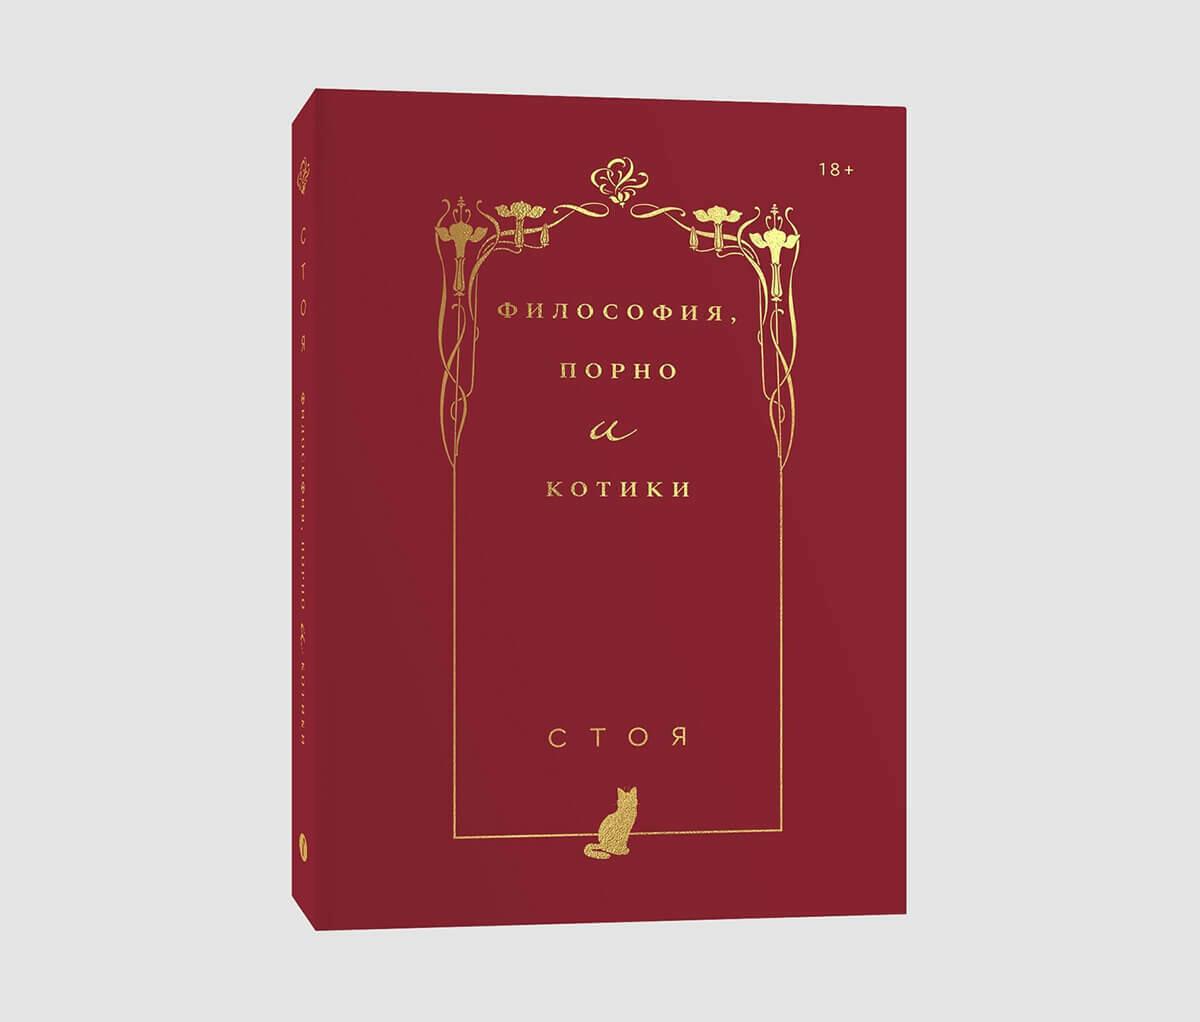 Книга «Философия, порно и котики» Джессики Стоядинович